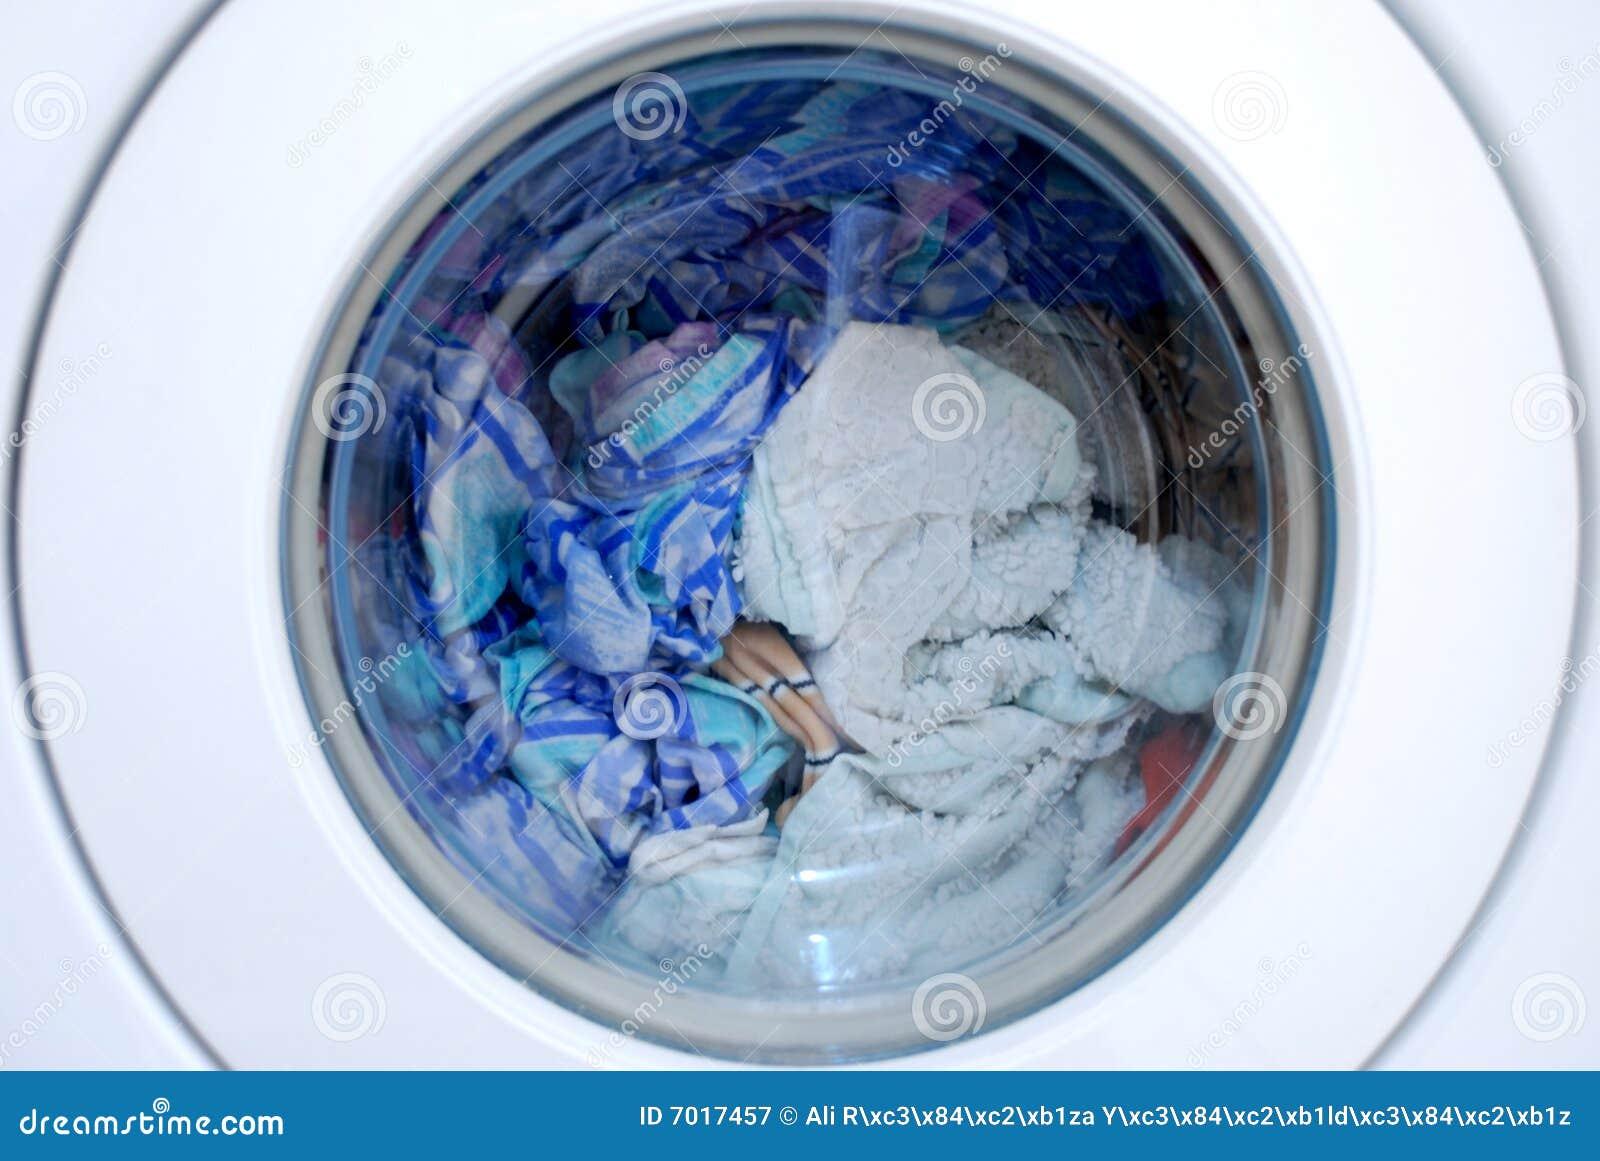 Clothing In Washing Machine Stock Image Image 7017457